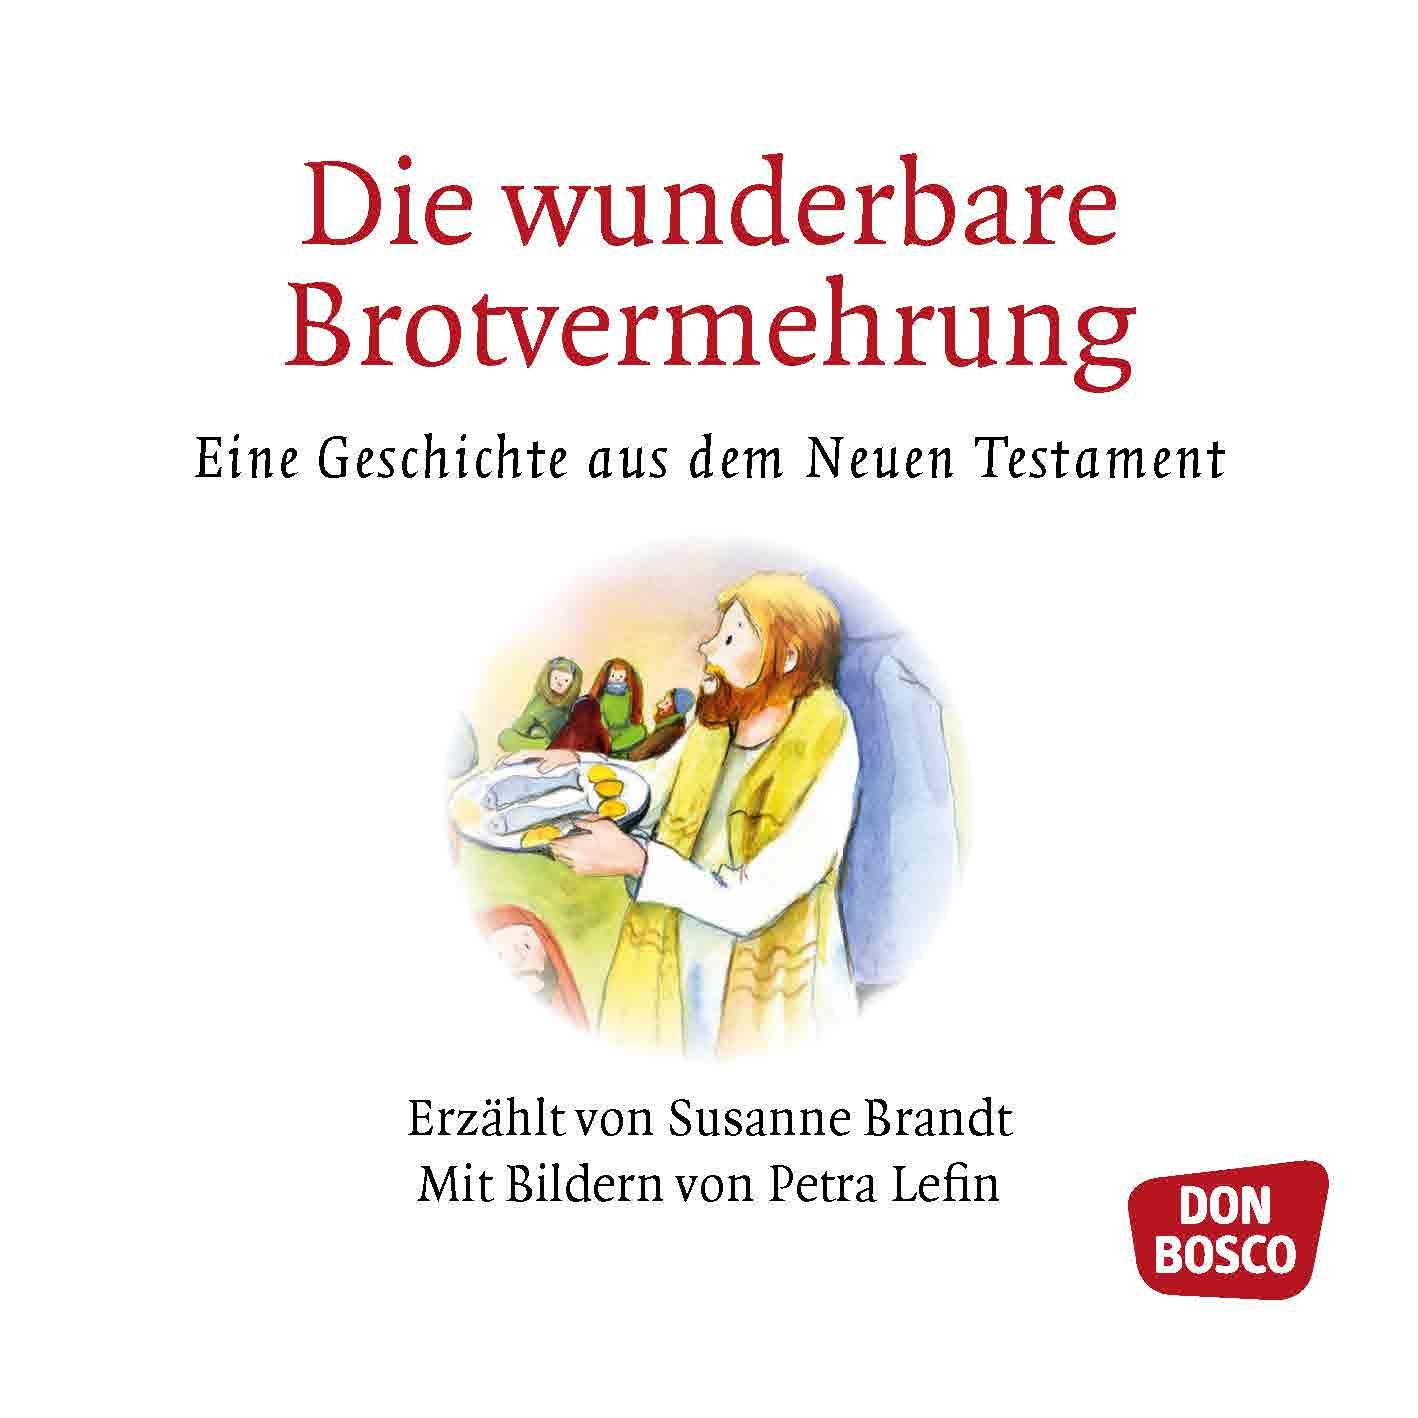 Innenansicht zu Die wunderbare Brotvermehrung. Mini-Bilderbuch.